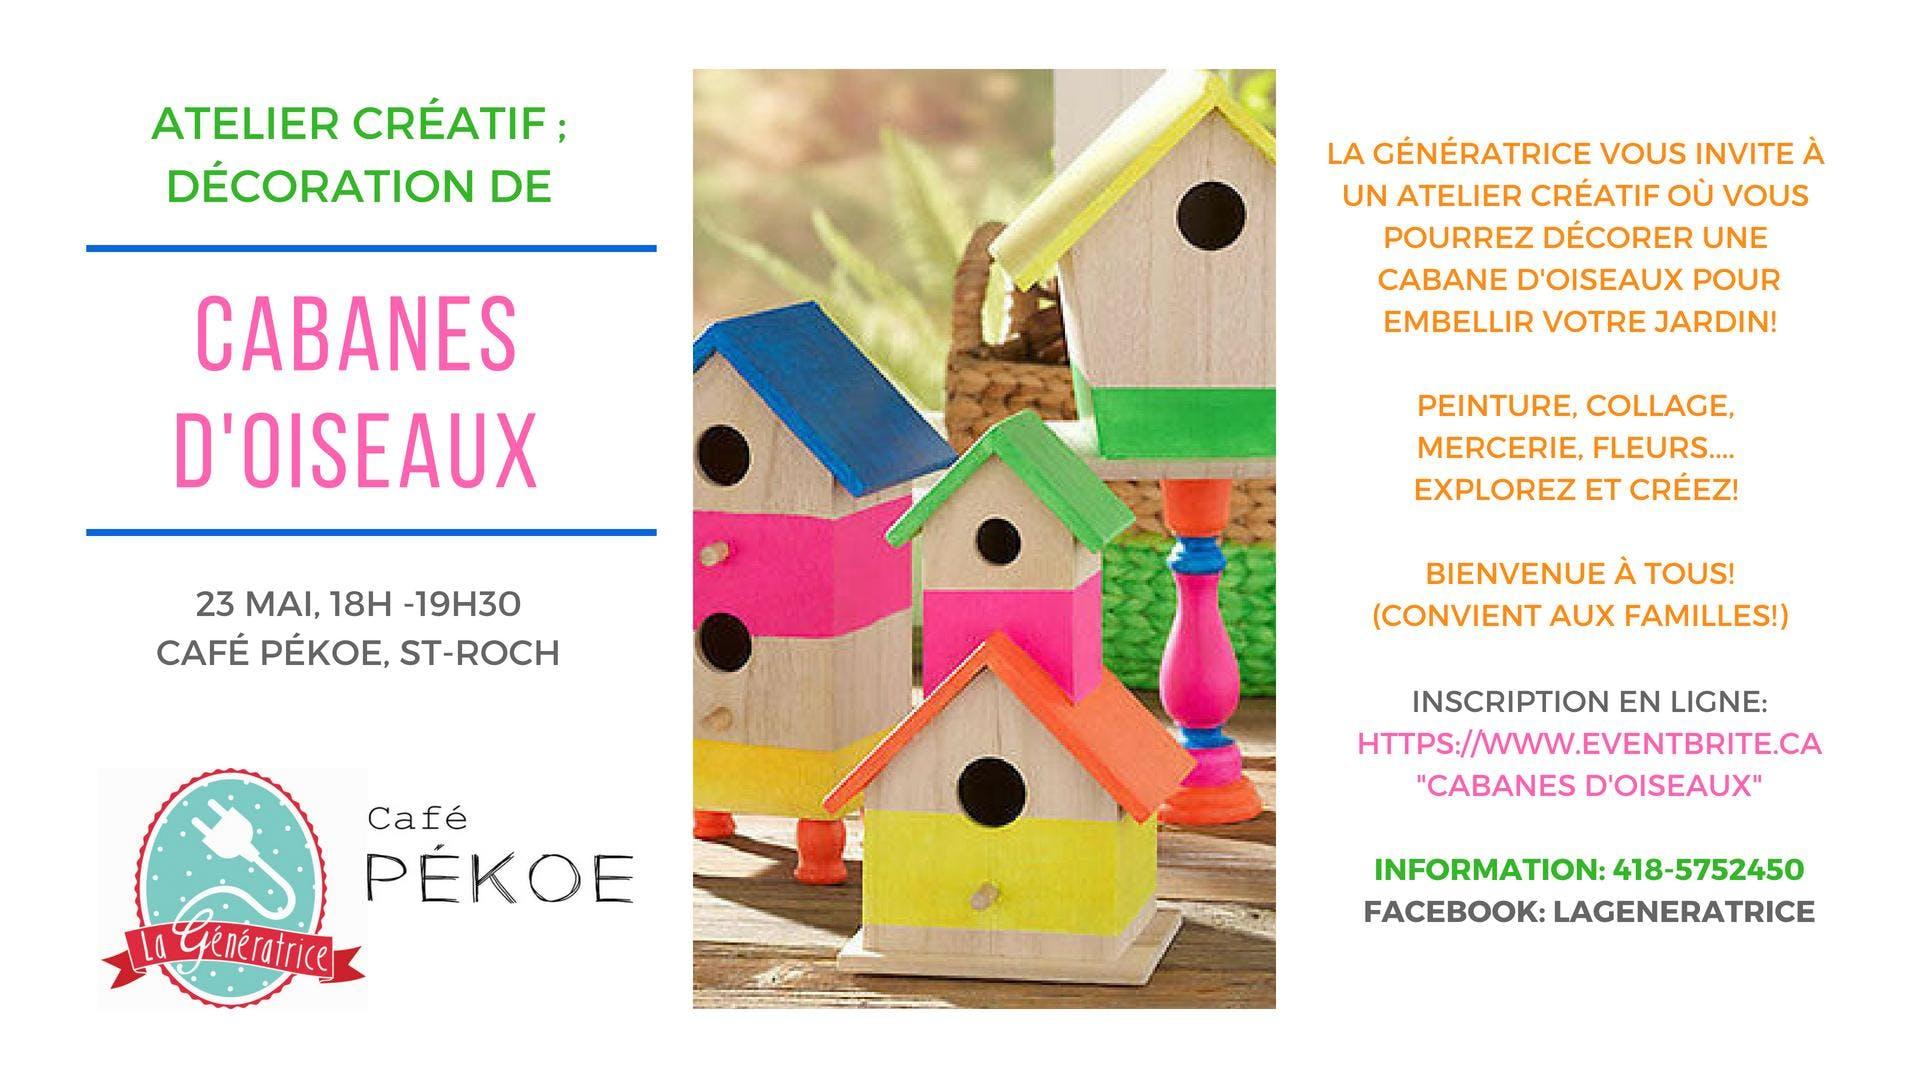 Atelier créatif : Cabanes d'oiseaux